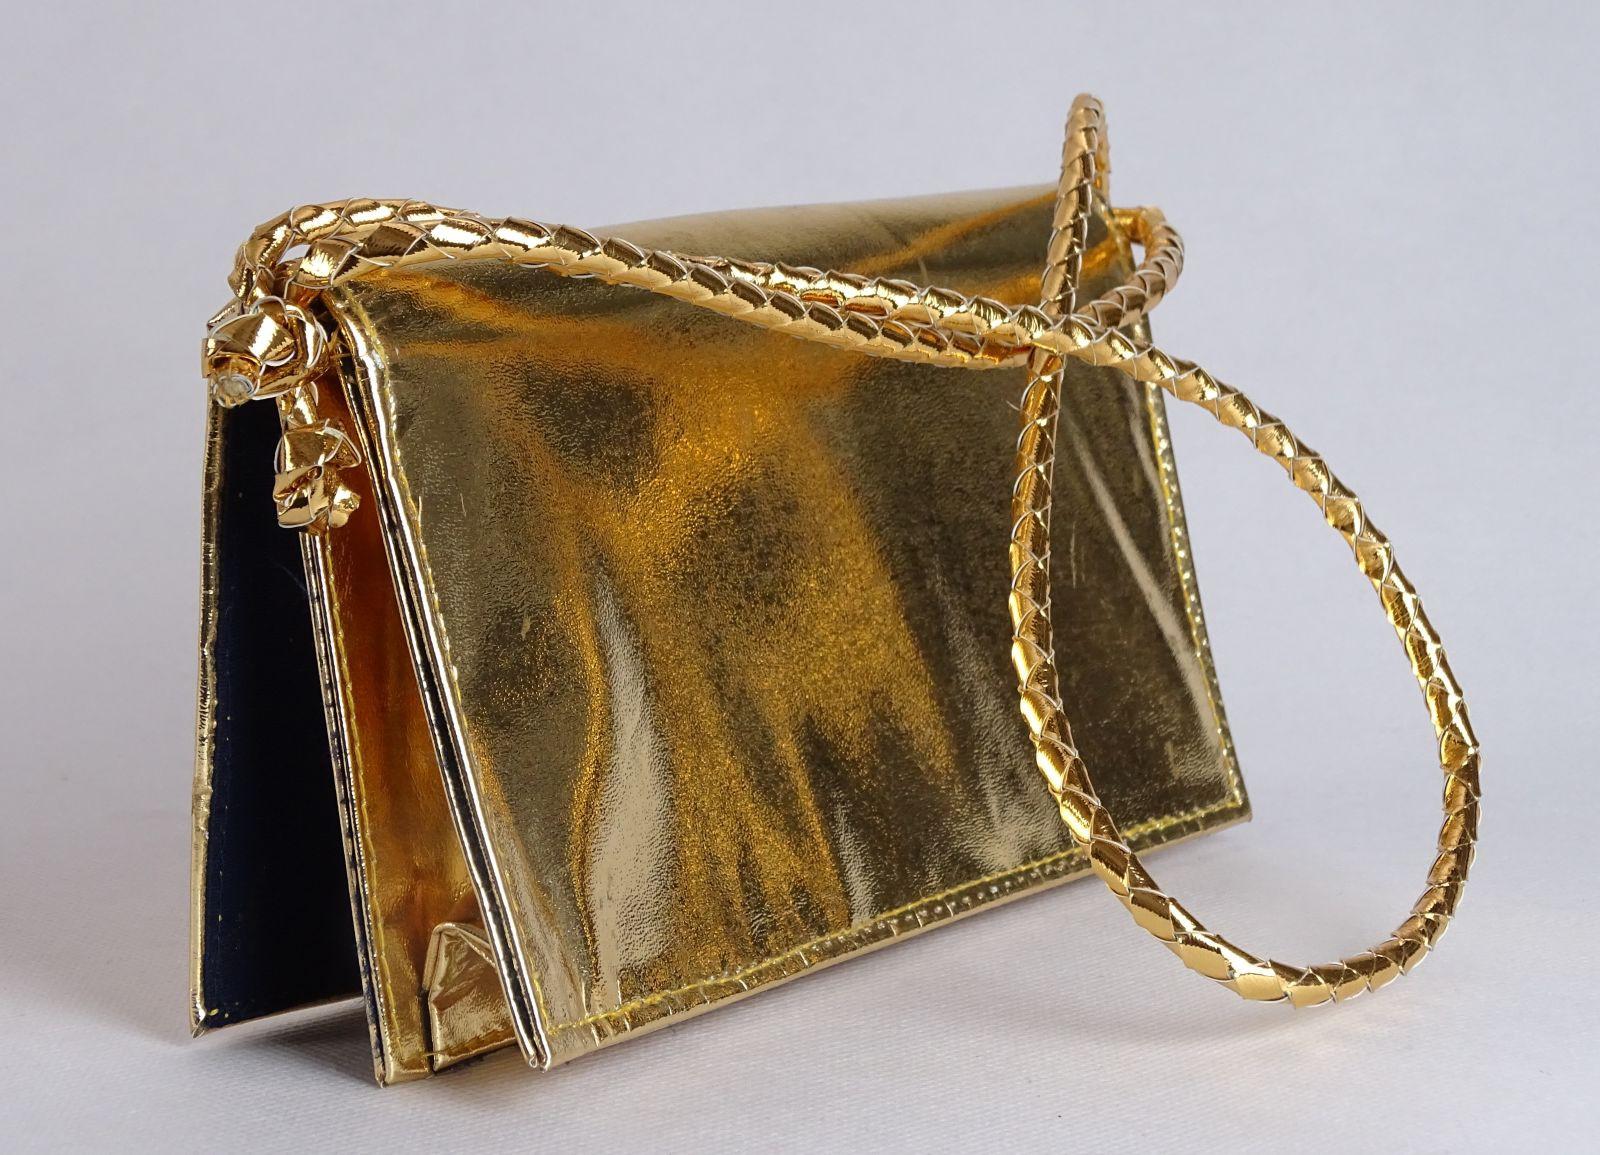 d96107304f0d 0J928 Aranyszínű női táska laptáska szinházitáska - 6500 Ft ...